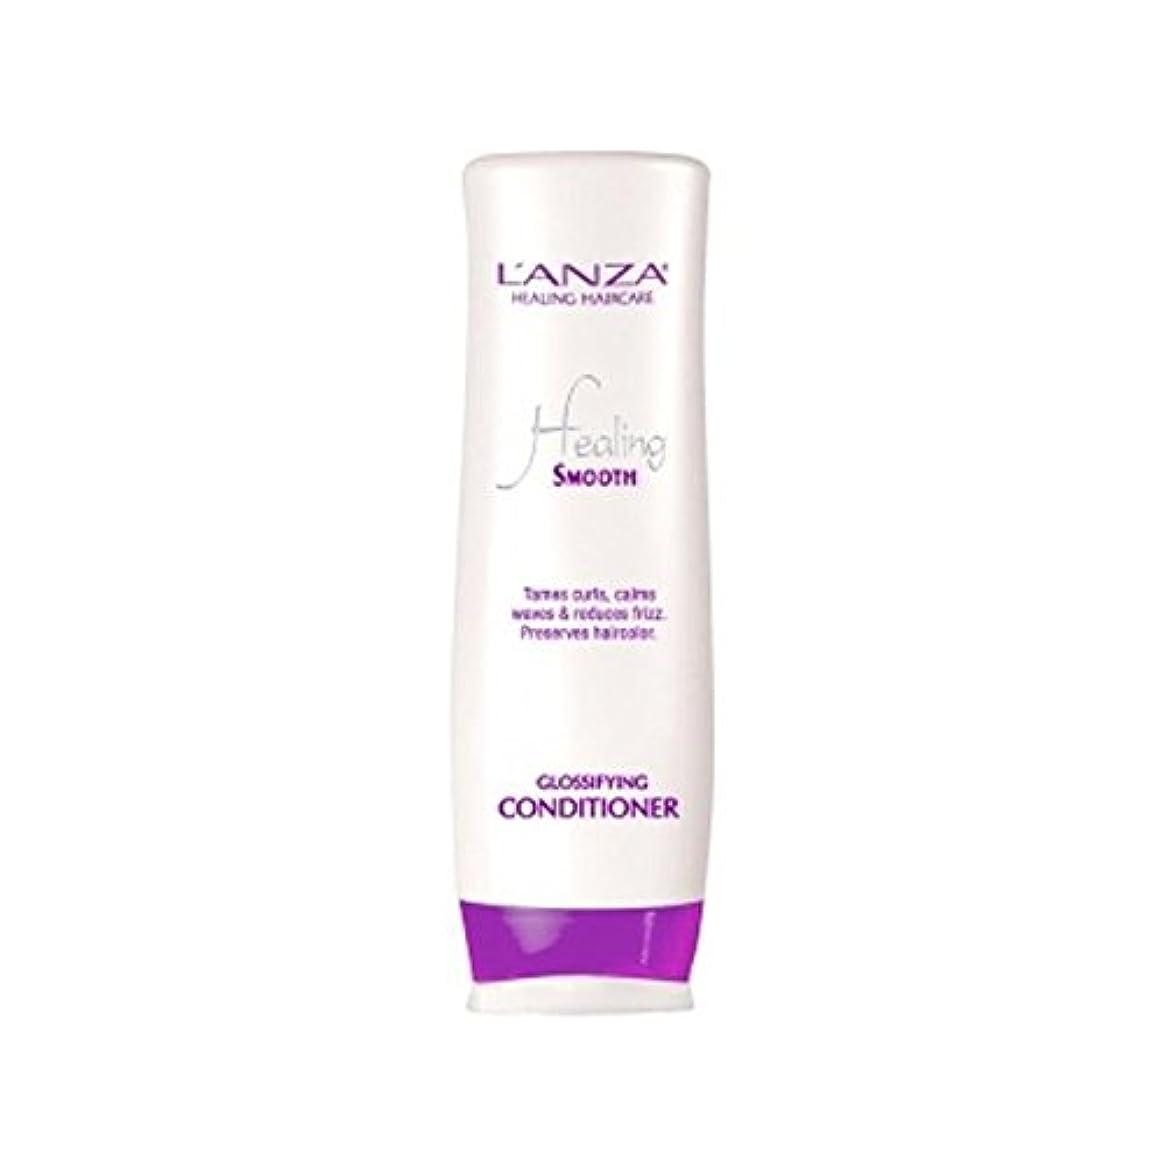 移行する三番交差点L'Anza Healing Smooth Glossifying Conditioner (250ml) - スムーズなコンディショナーを癒し'アンザ(250ミリリットル) [並行輸入品]